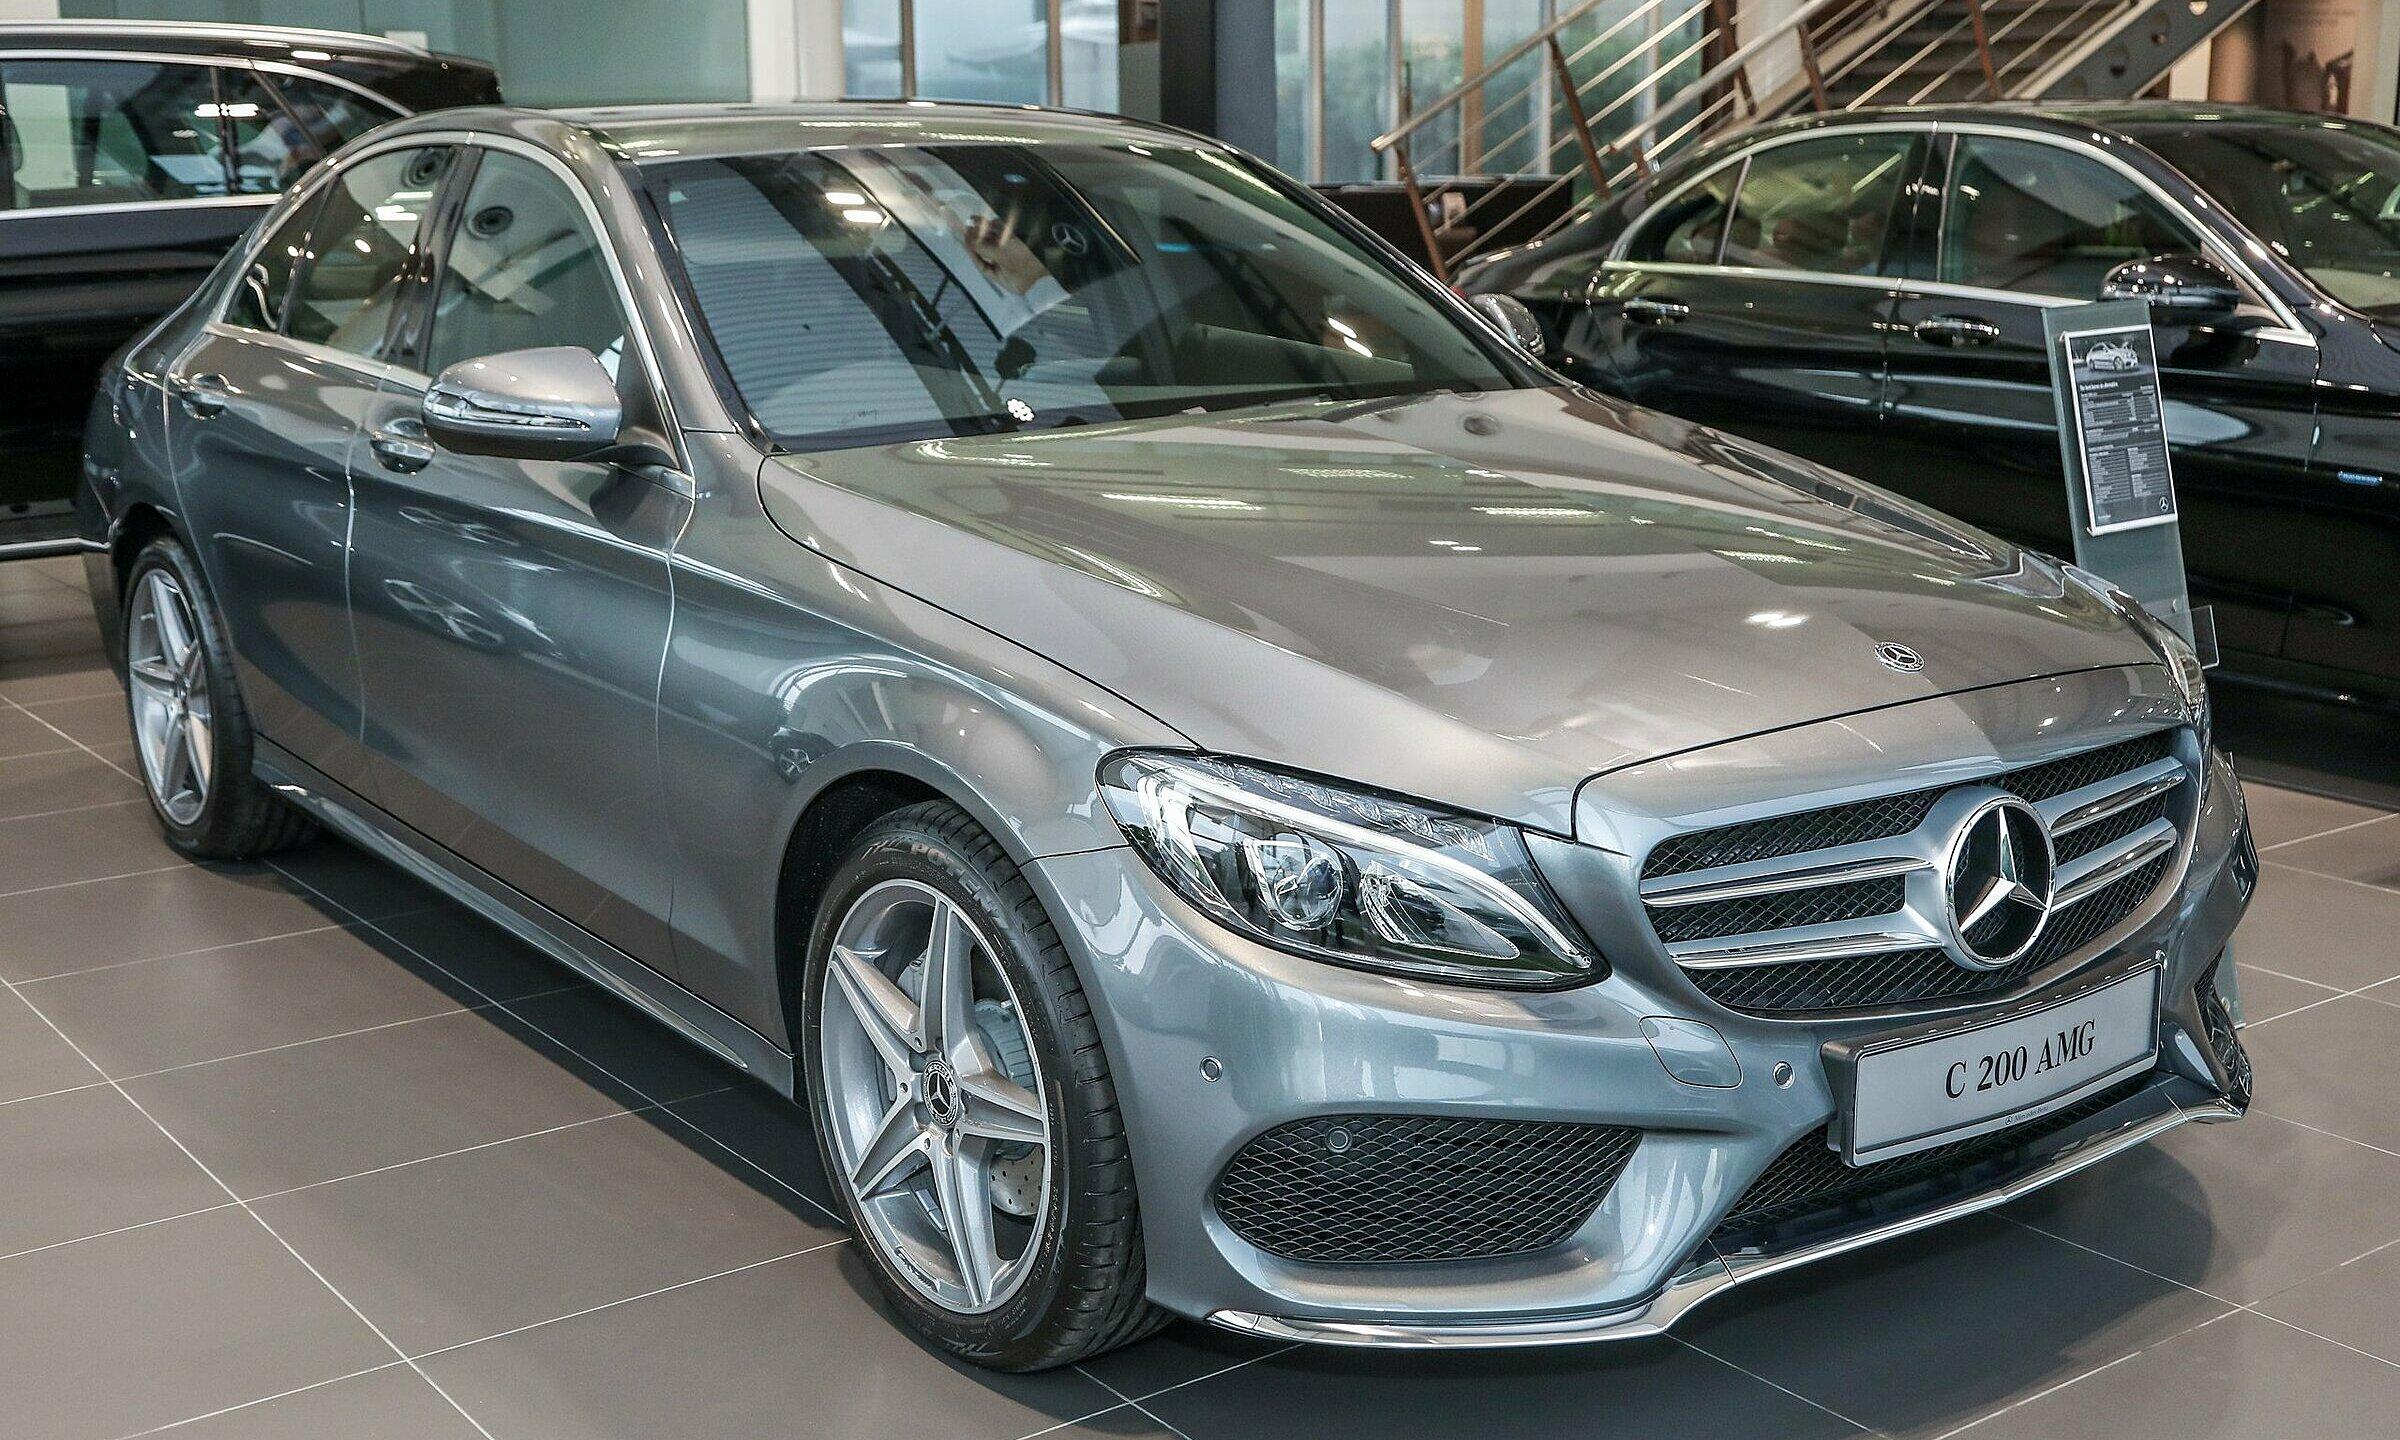 Mẫu C200 tại lý ở Mercedes. Ảnh: Paultan